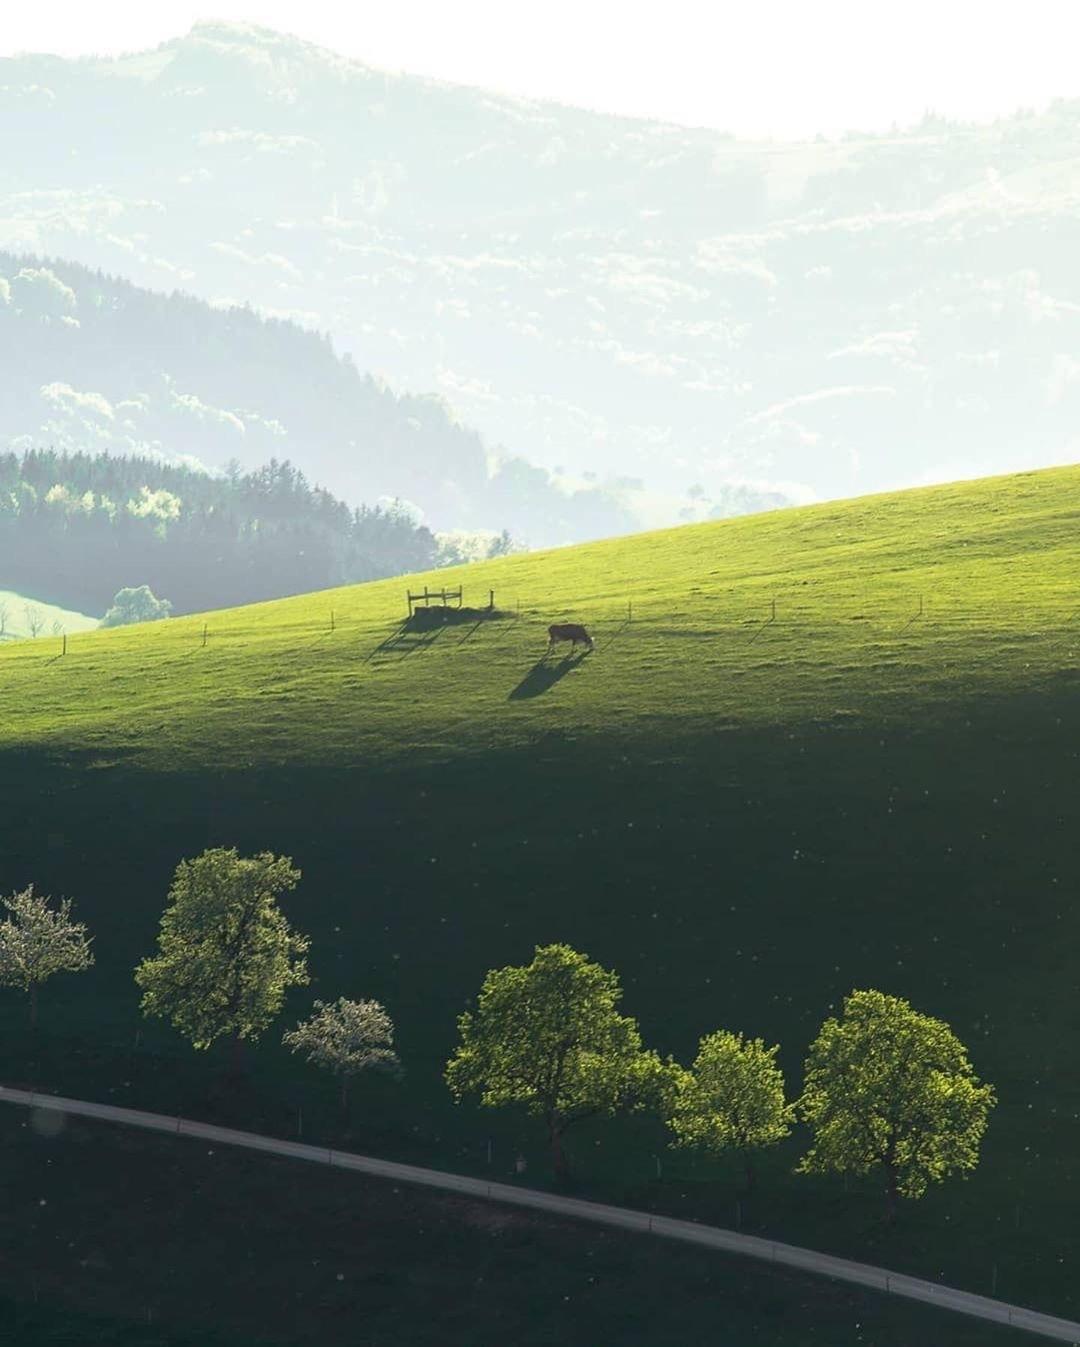 宁静与祥和——奥地利。